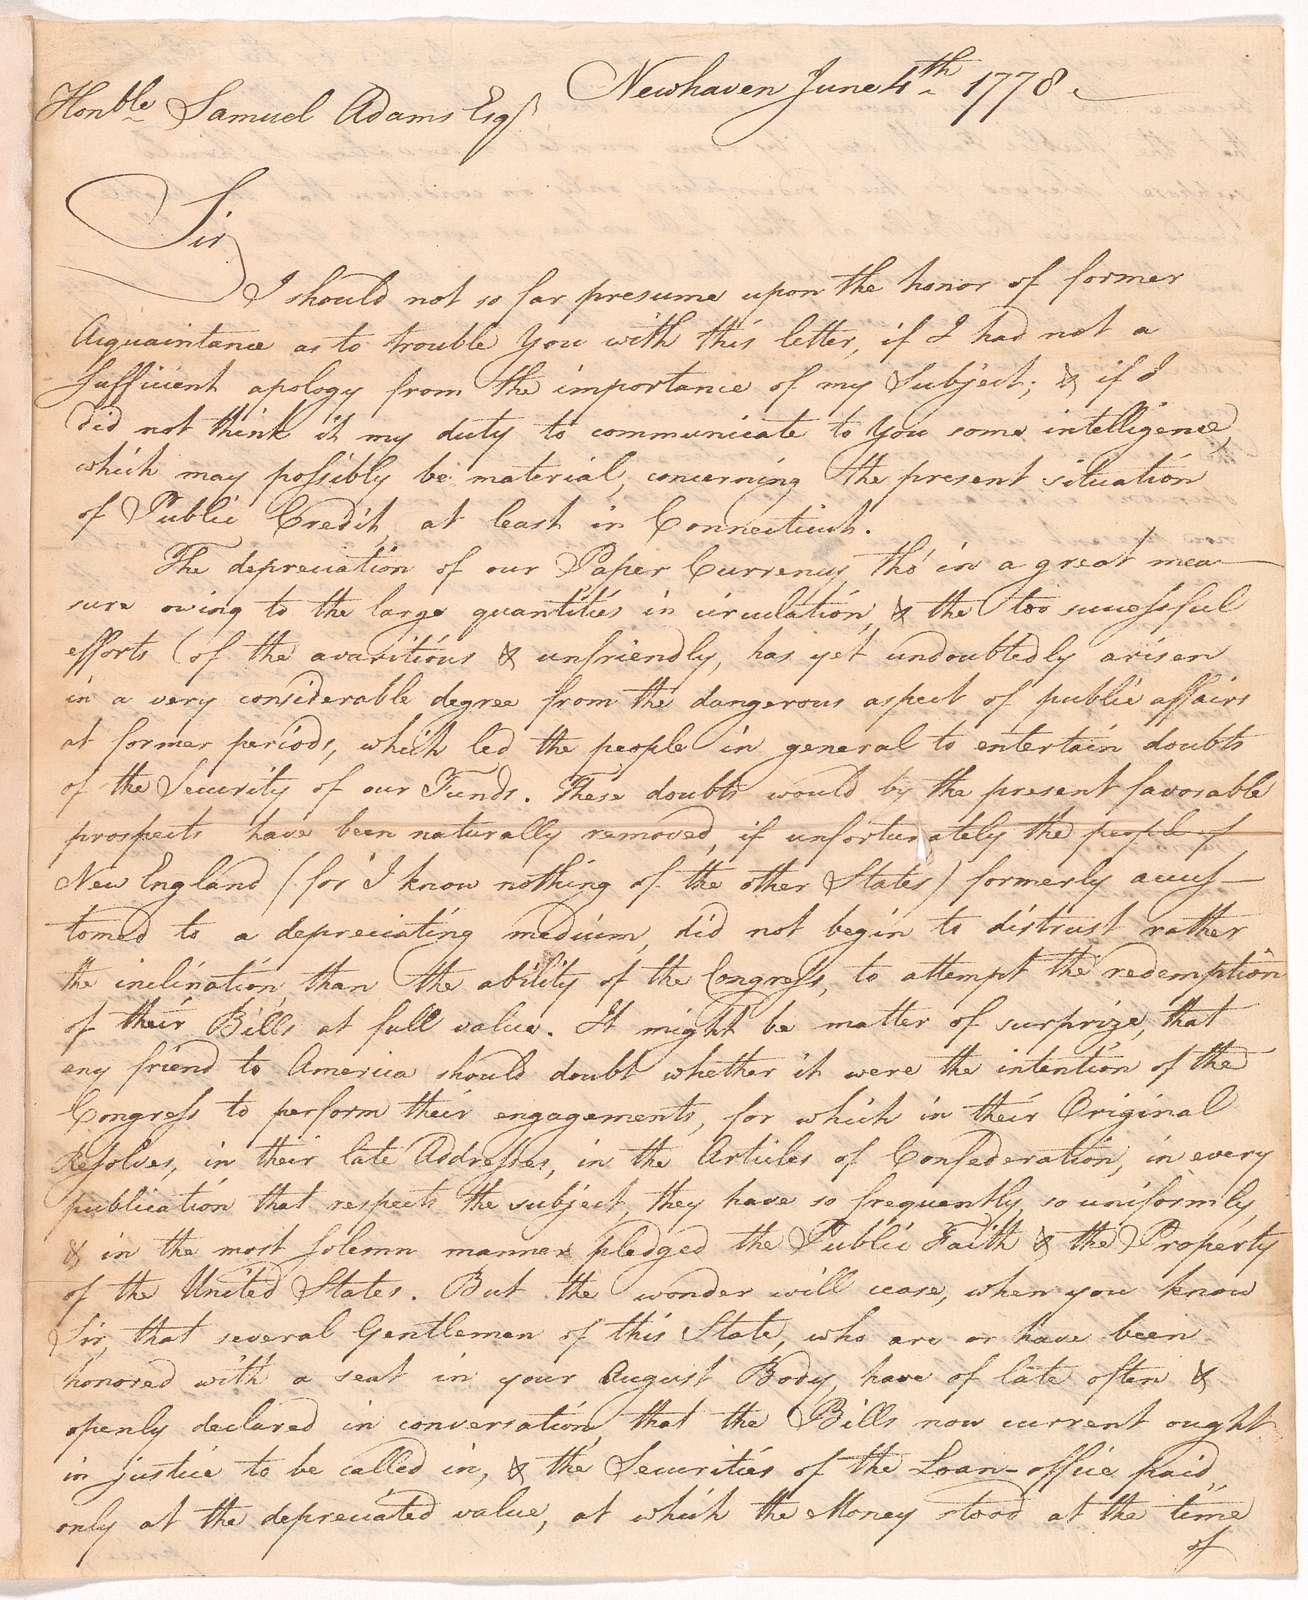 Letter from John Trumbull